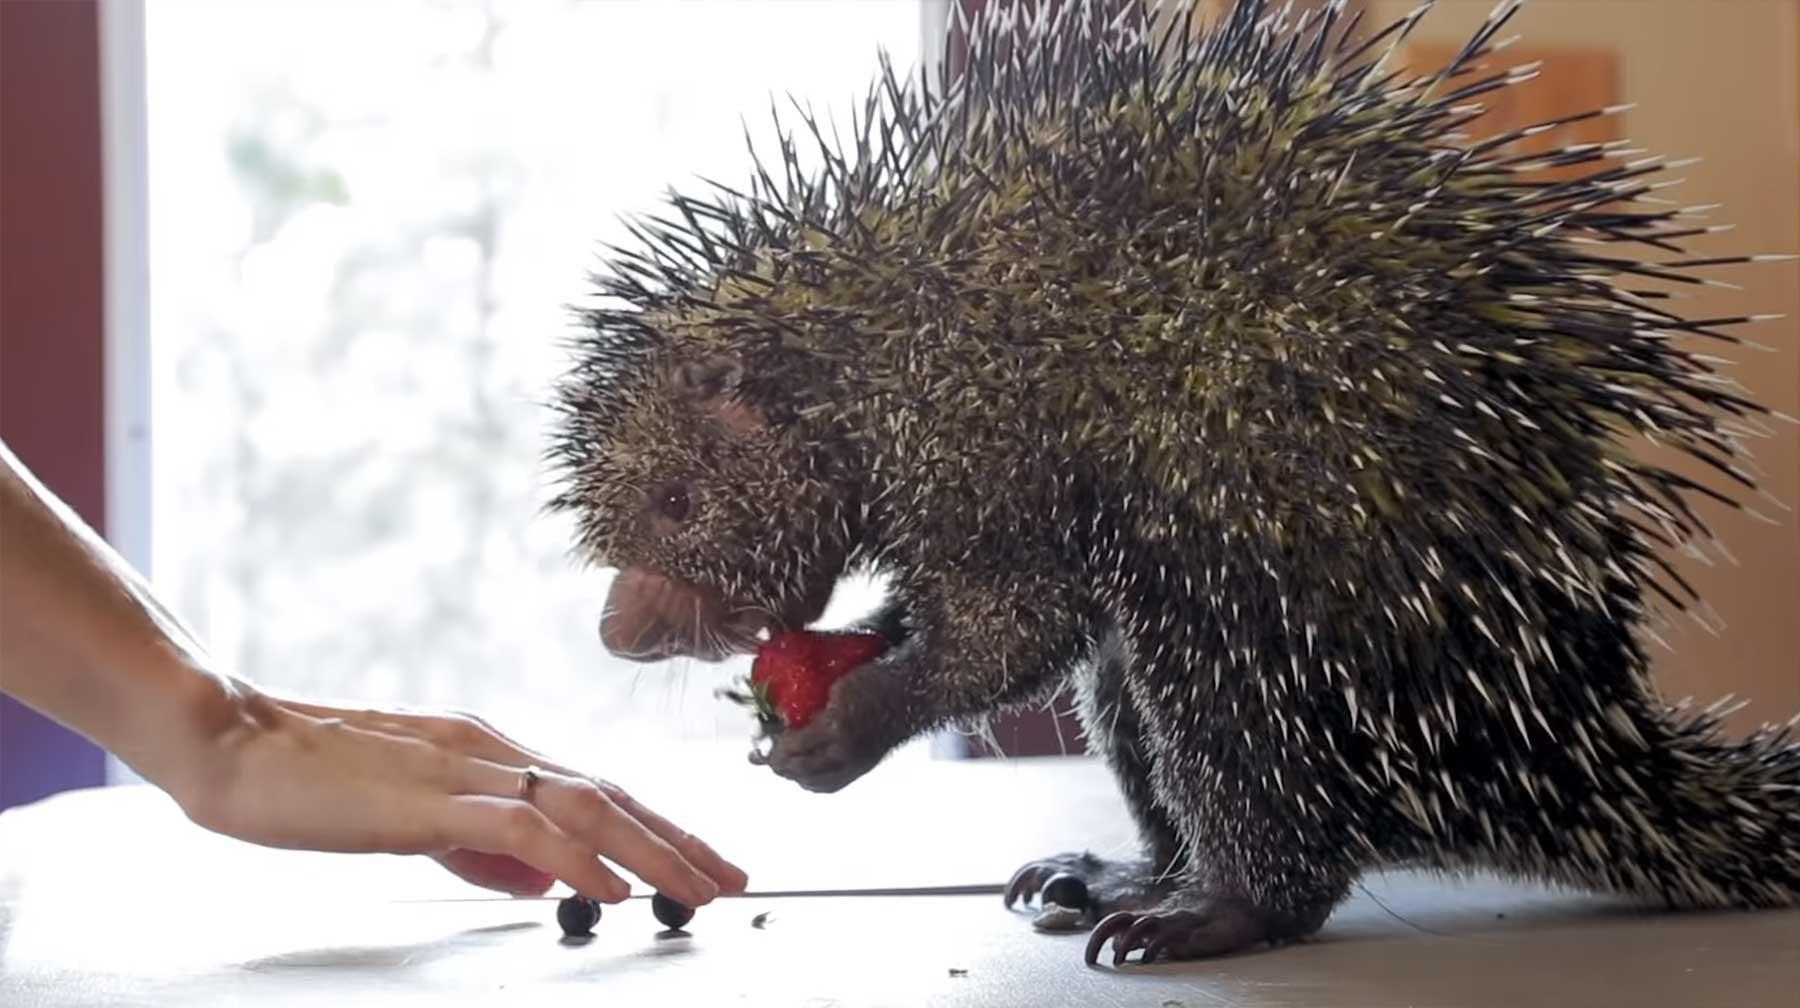 Nur ein Stachelschwein, das Obst isst